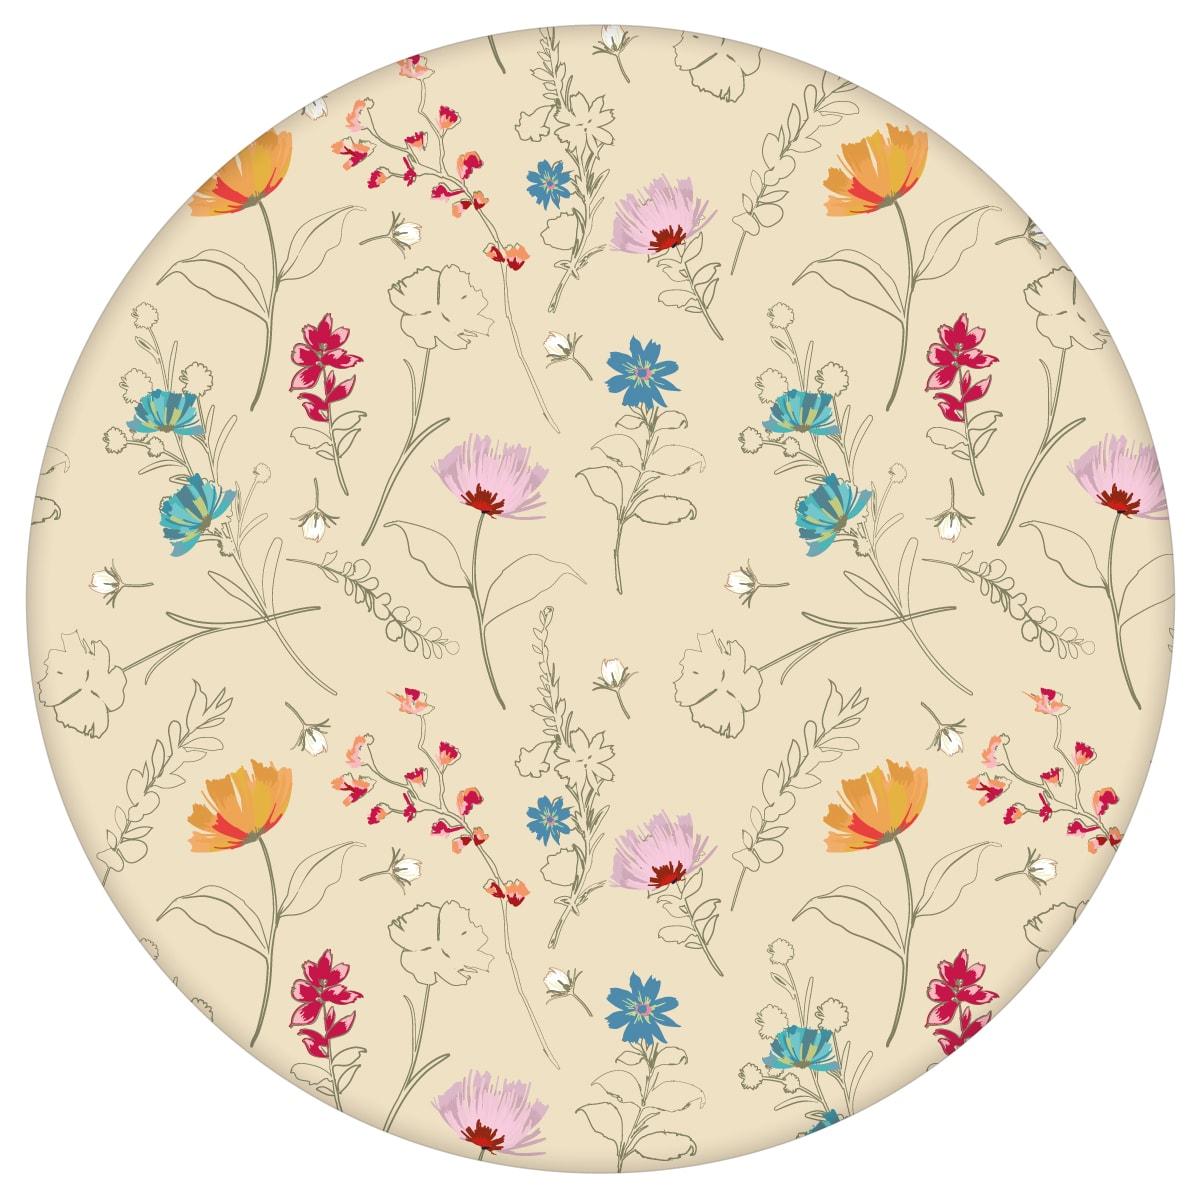 Spring in the air Blumentapete für Frühlings Gefühle in vanille - Design Tapete für Flur, Büroaus dem GMM-BERLIN.com Sortiment: beige Tapete zur Raumgestaltung: #Ambiente #blueten #flurBlumen #garten #gelbe Tapeten #interior #interiordesign #kueche #Natur #Wiesenblumen für individuelles Interiordesign